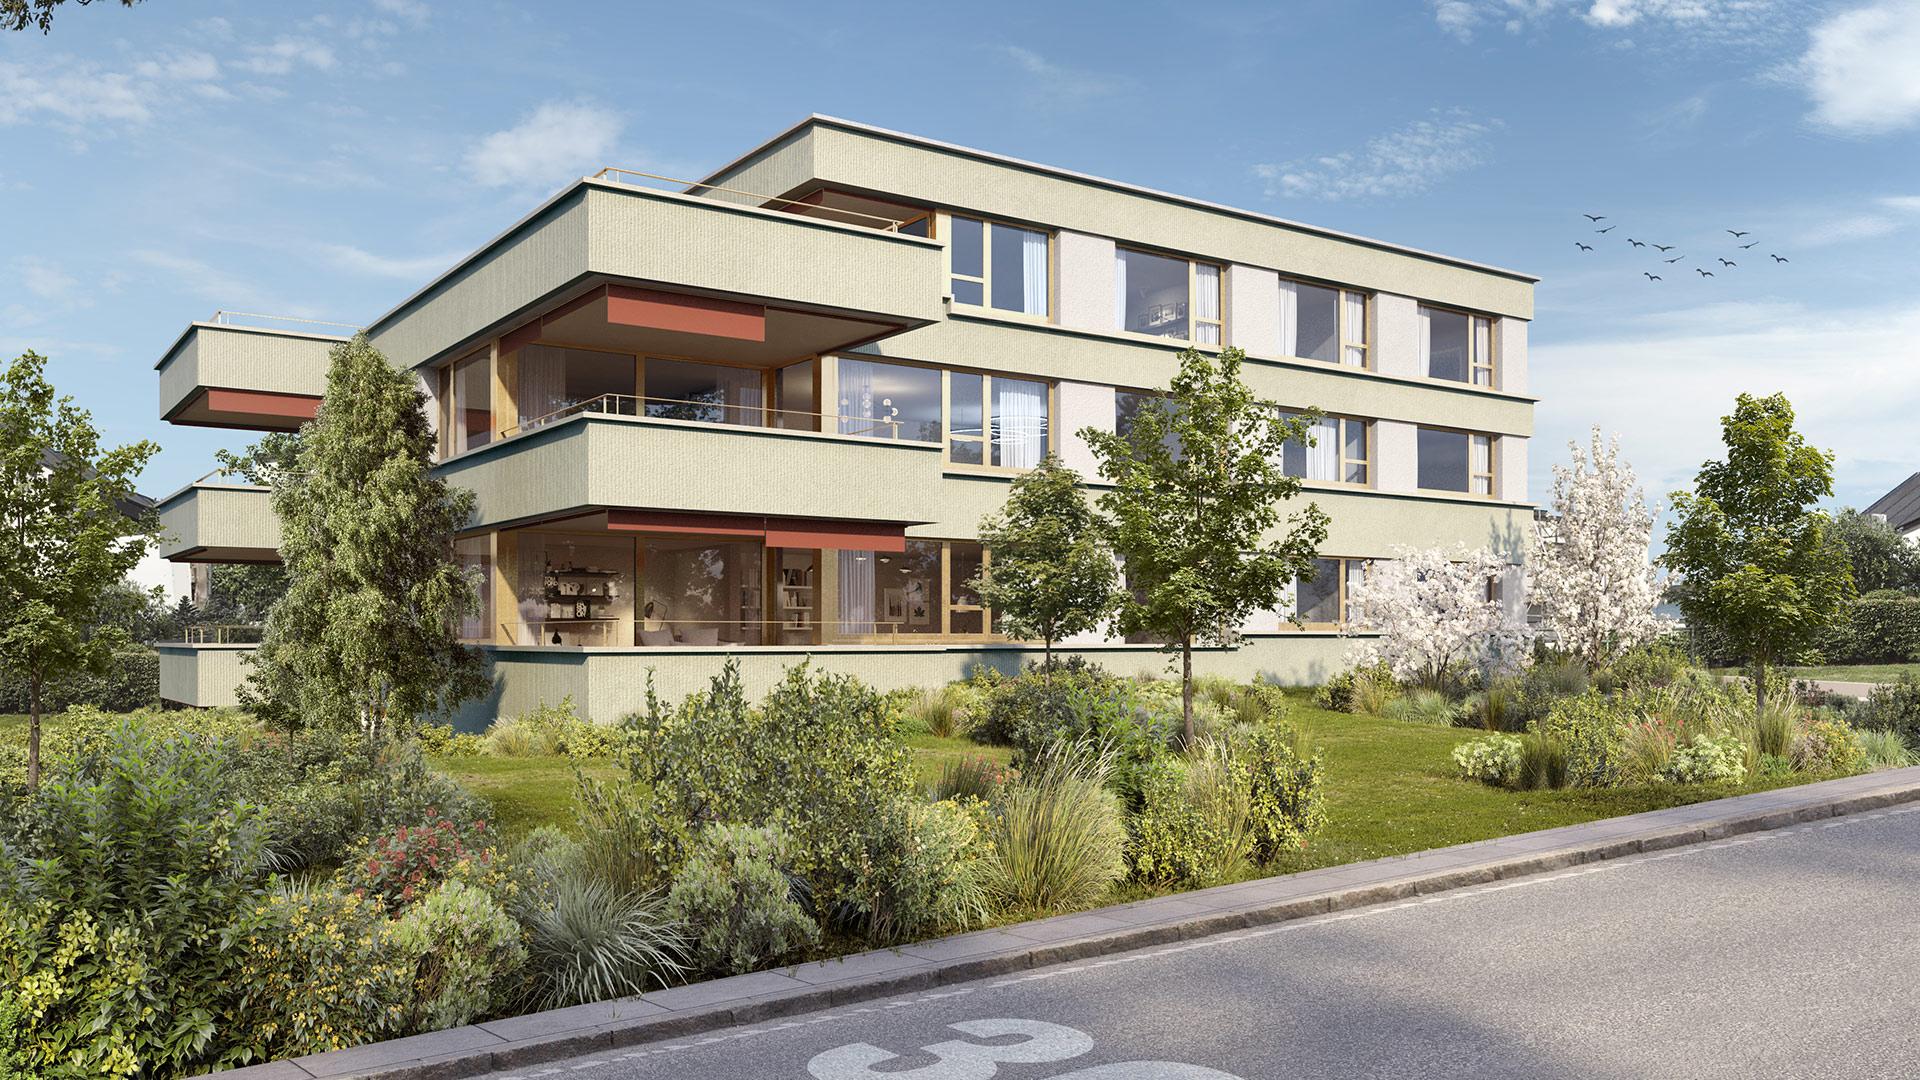 Wohnen im Park Berikon - Wohnung A21